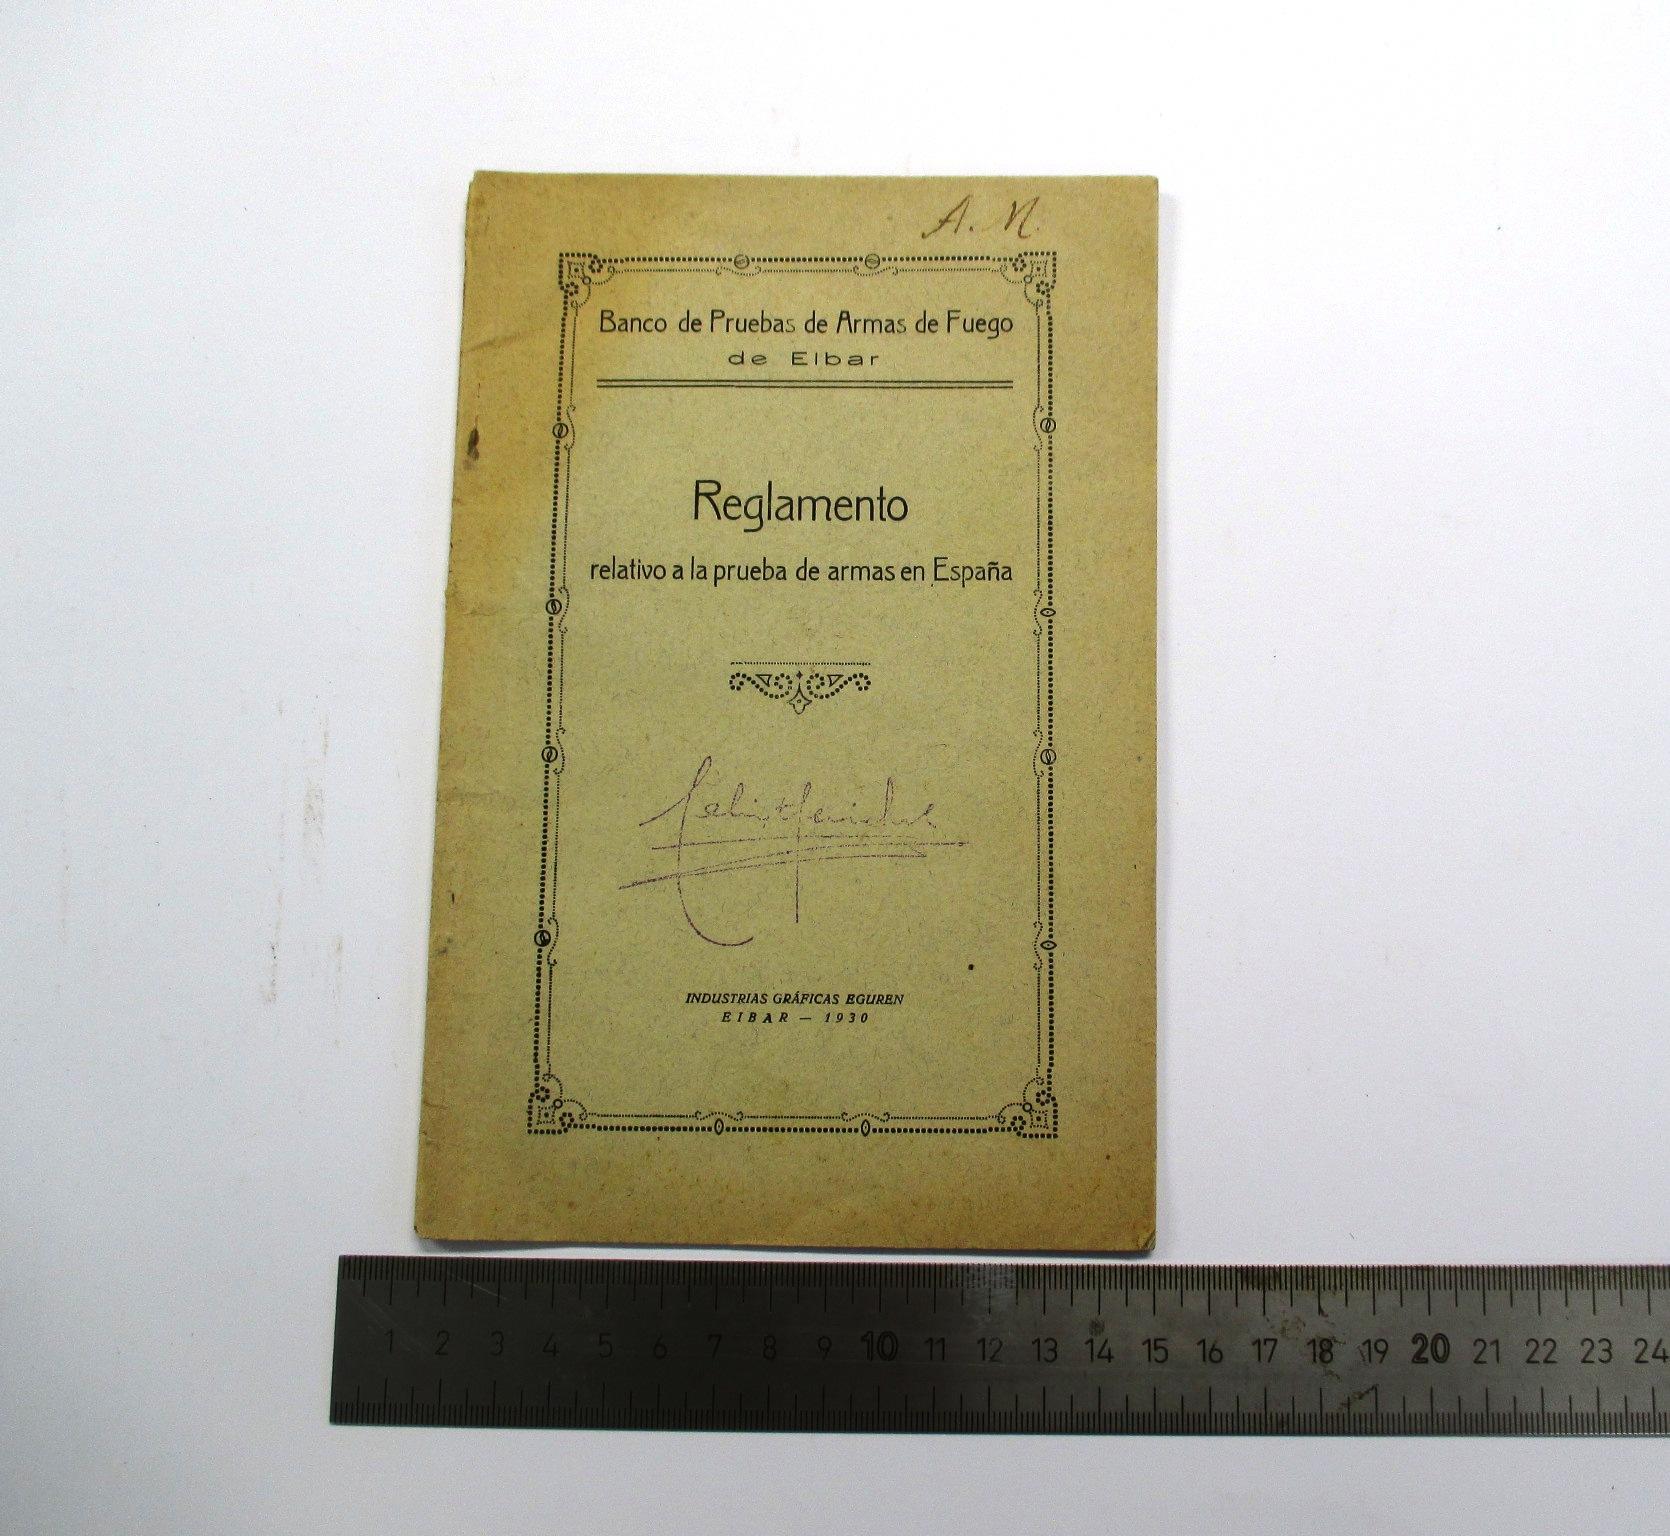 Reglamento relativo al Banco de Pruebas de Armas de Fuego de Eibar, año 1930.